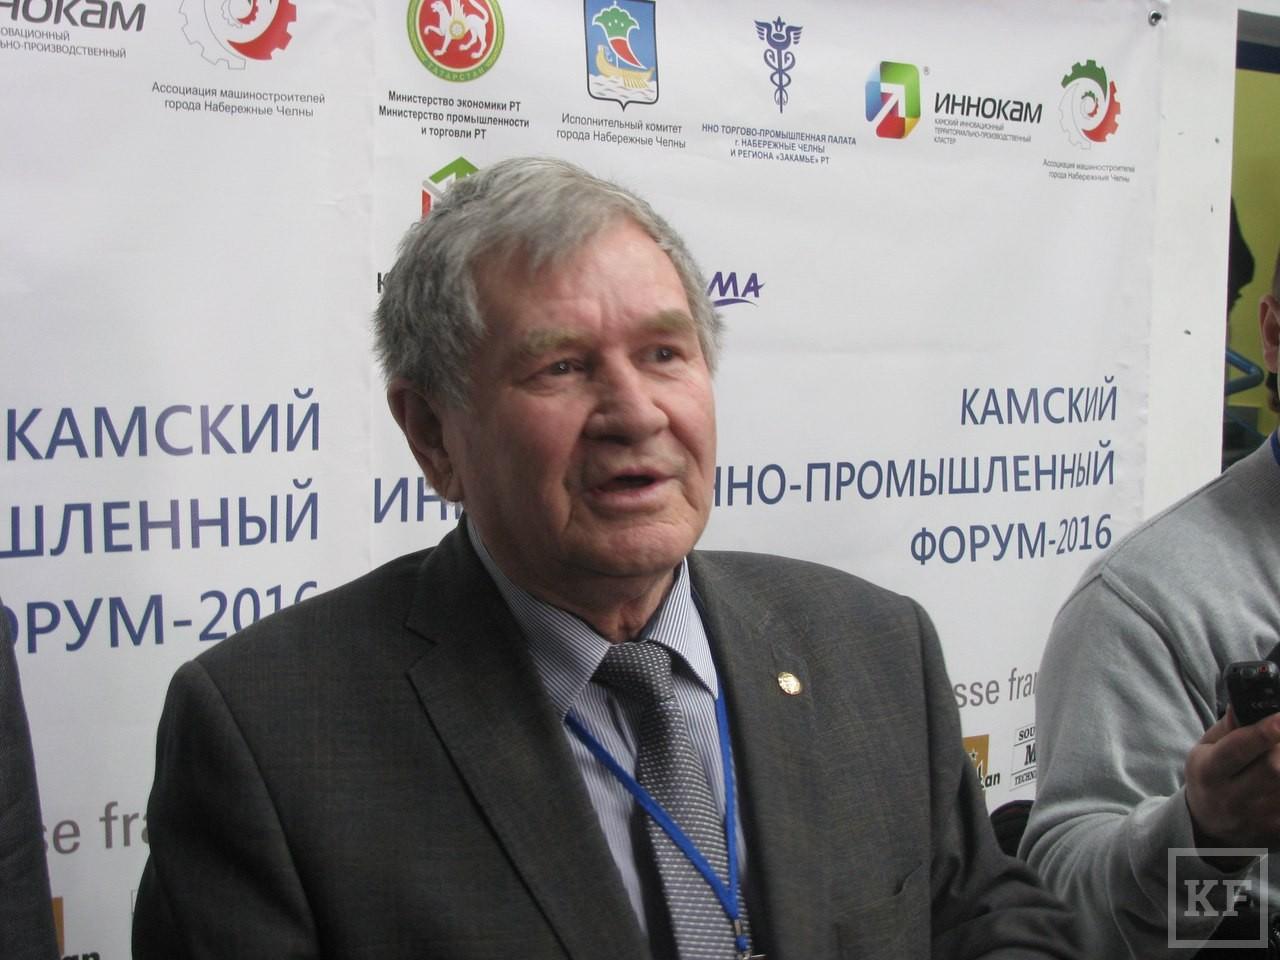 На Камском промышленном форуме татарстанских производителей пытаются увлечь новой красивой идеей — стать поставщиком для иностранных компаний